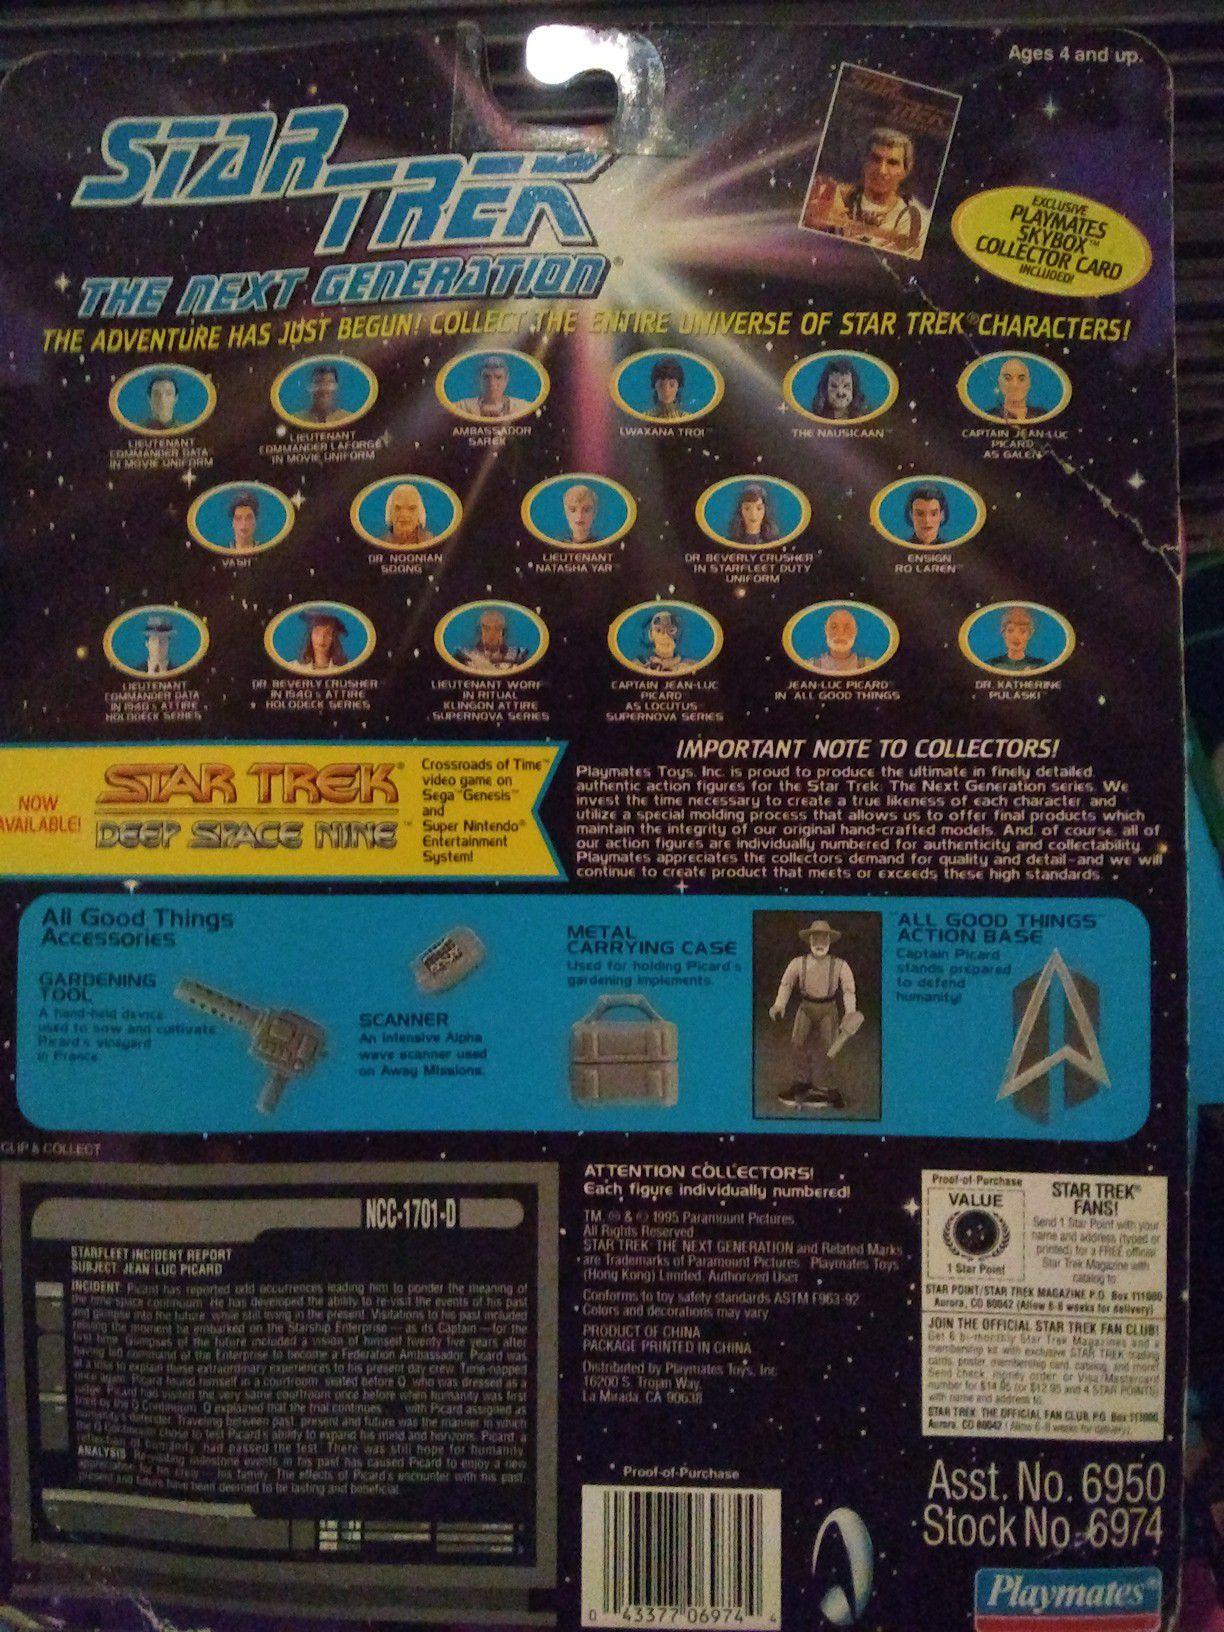 Star Trek action figure